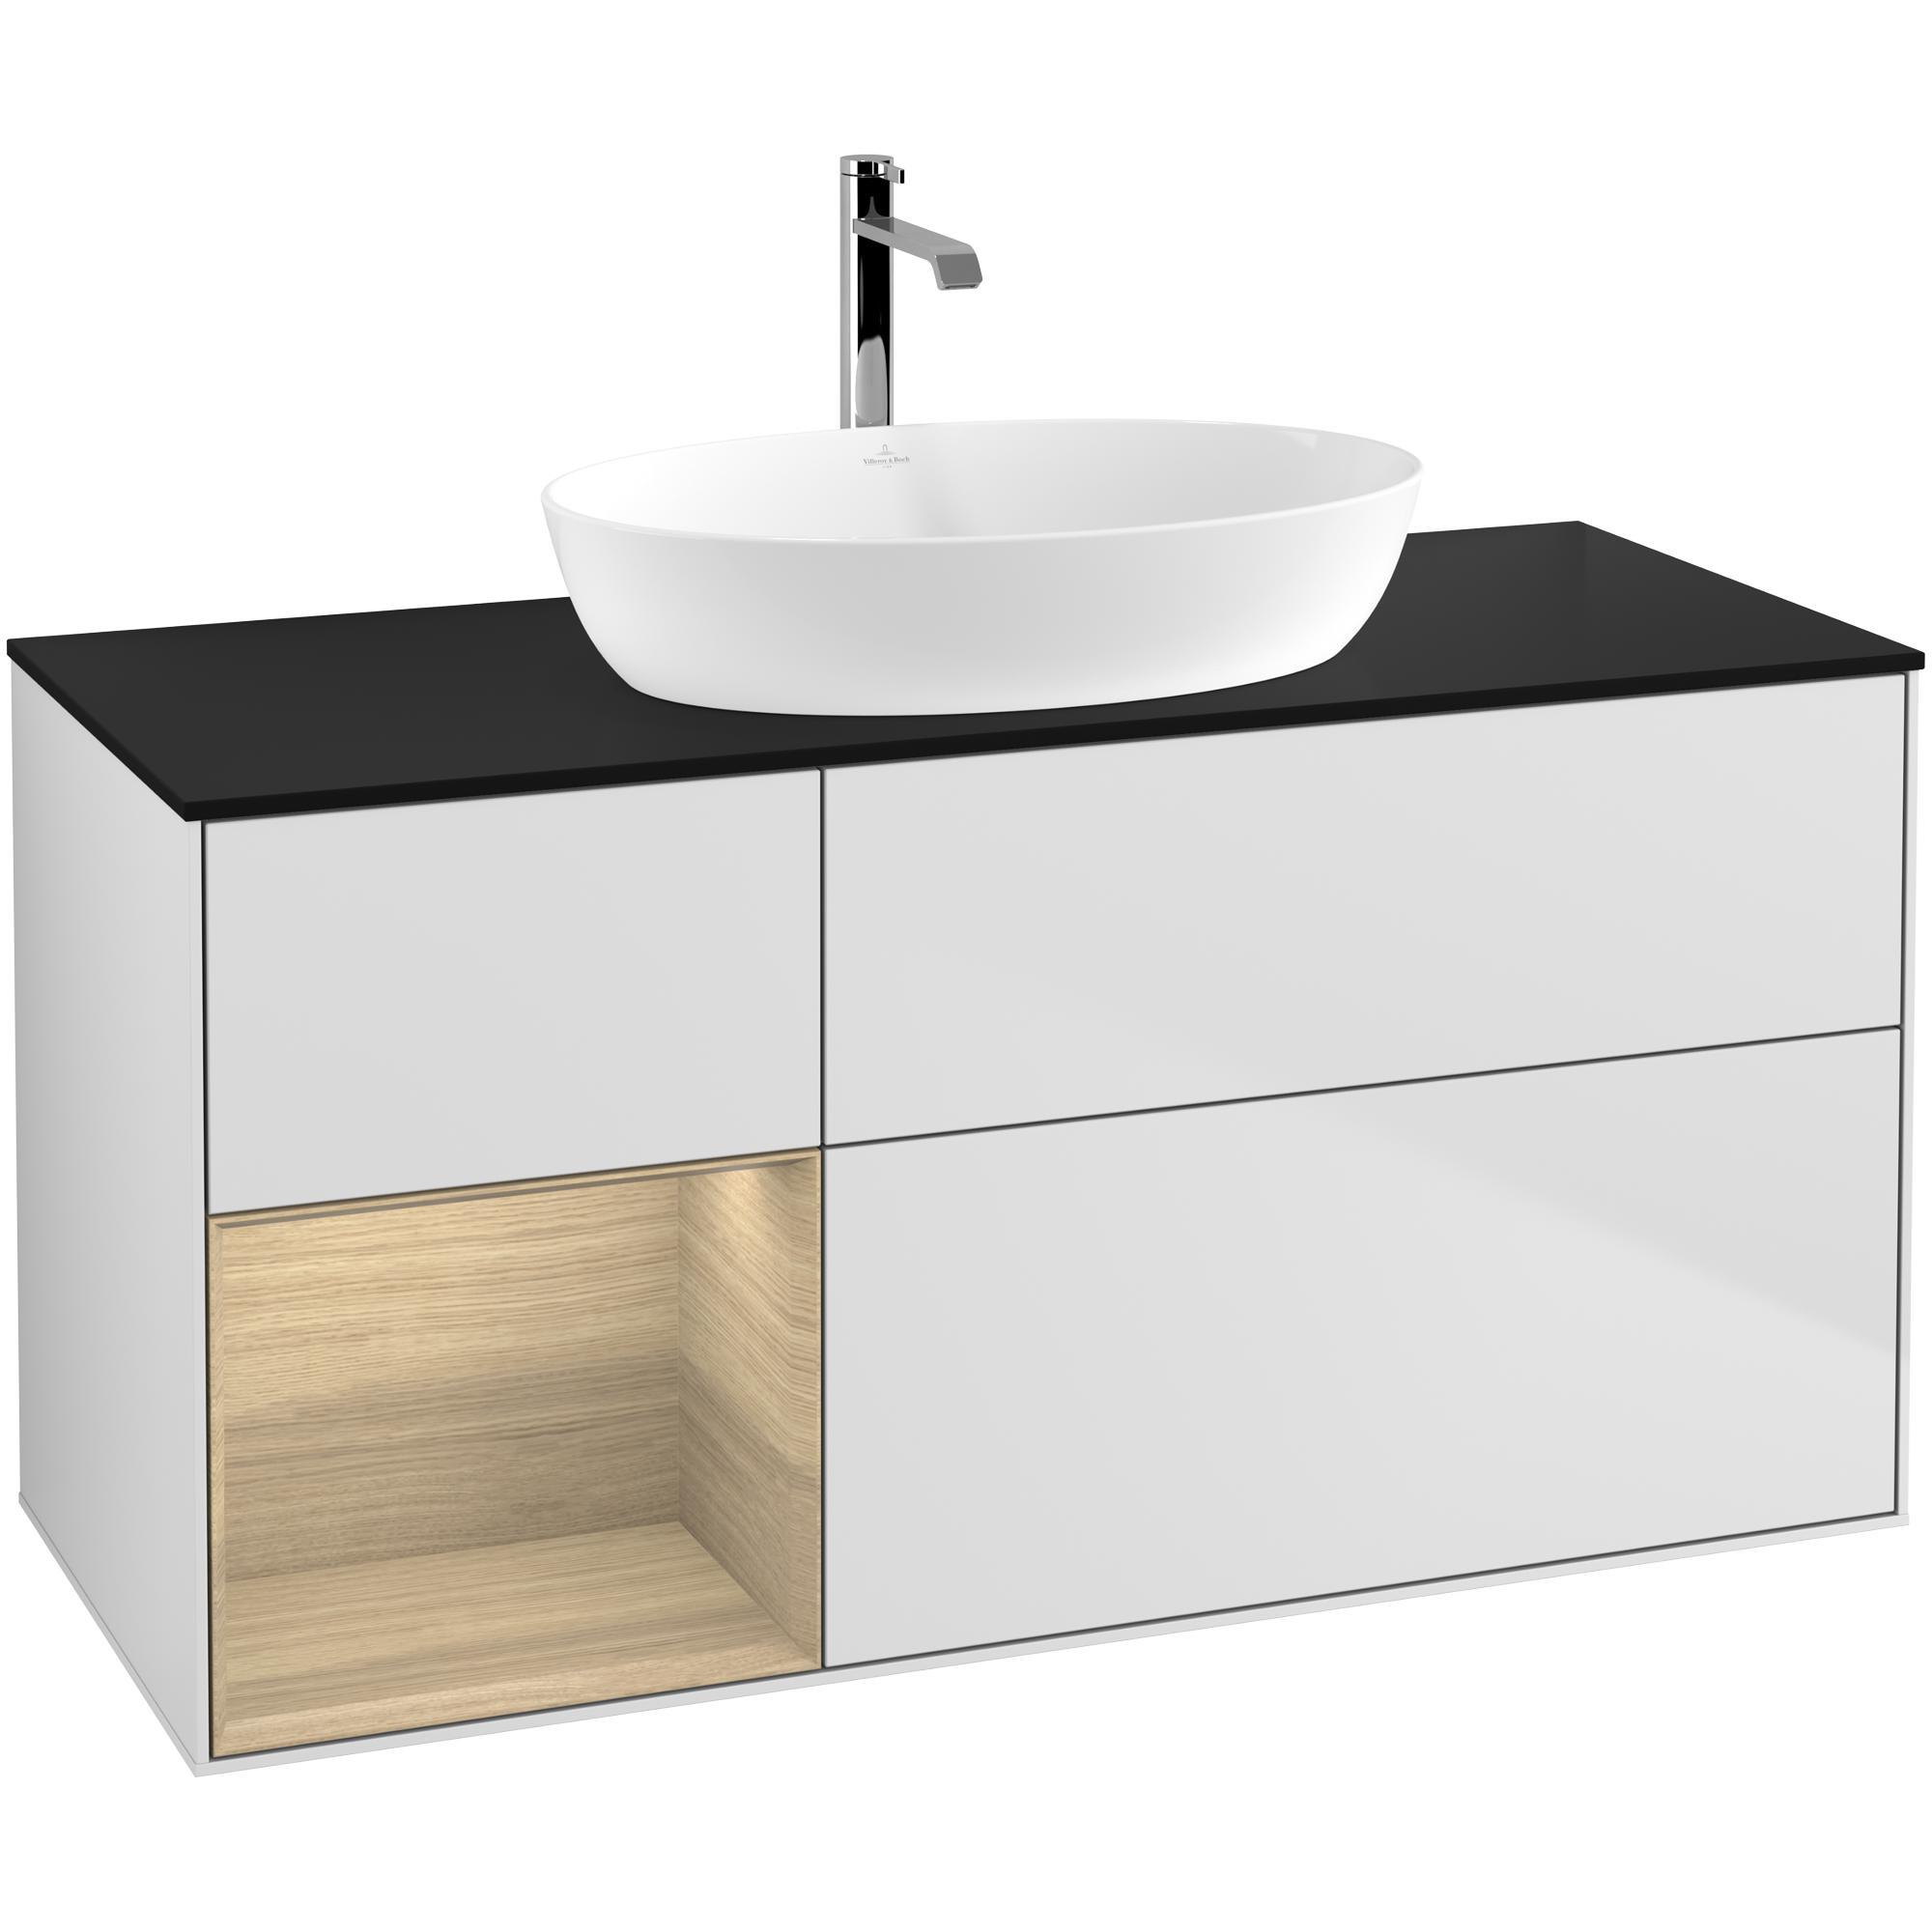 Tvättställsskåp Villeroy & Boch Finion med 3 Lådor Hylla och Bänkskiva för Fristående Tvättställ från Artis & Collaro